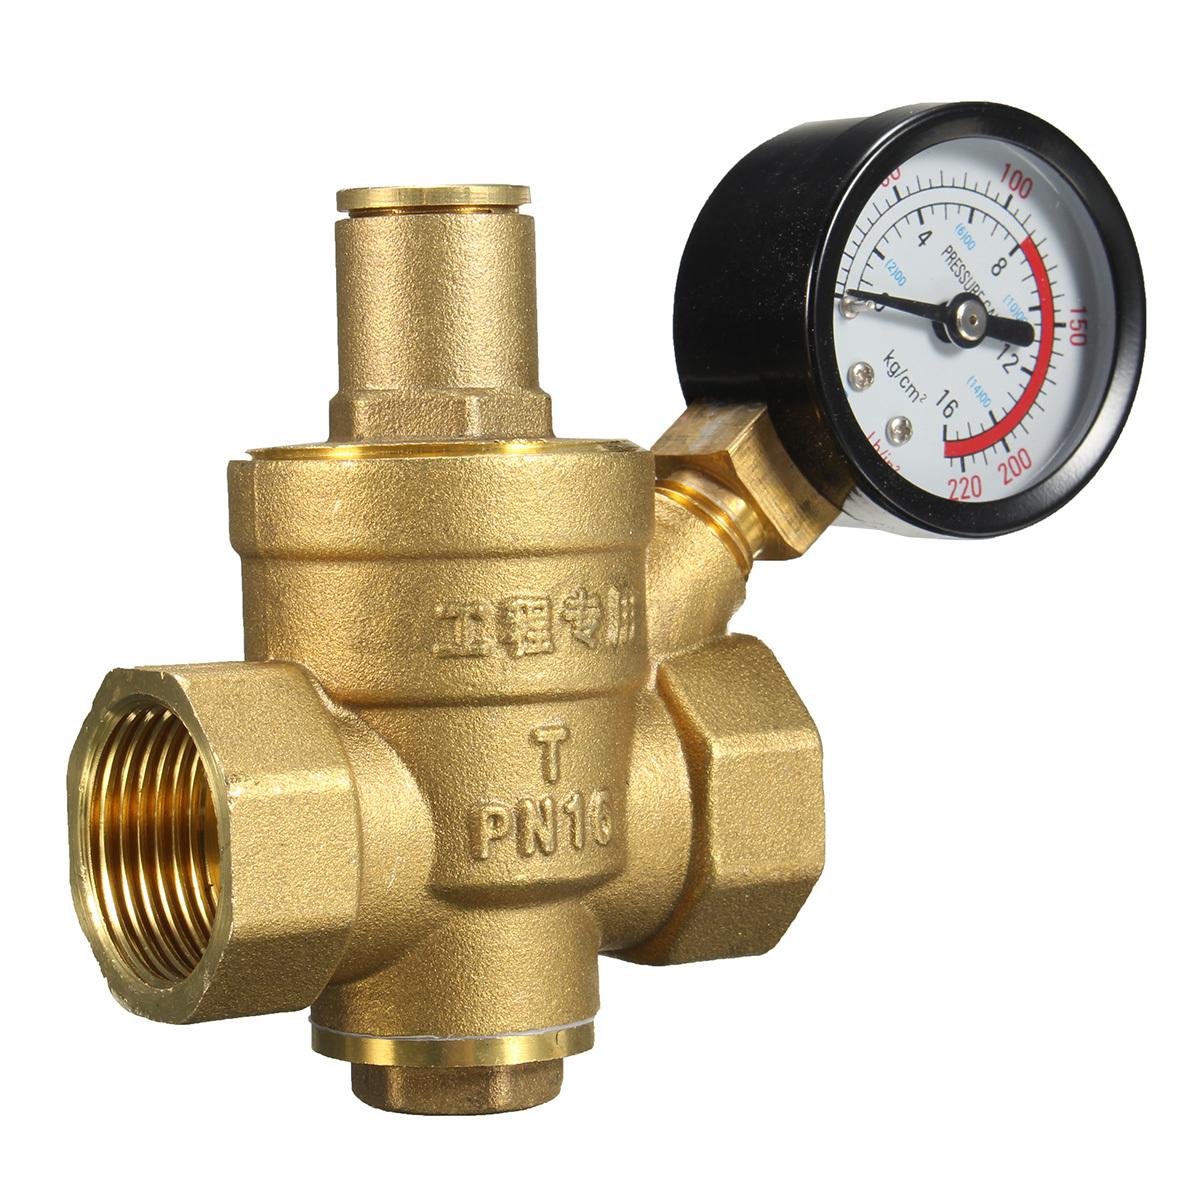 dn20 npt 3 4 39 39 adjustable water pressure regulator reducer with gauge meter new ebay. Black Bedroom Furniture Sets. Home Design Ideas